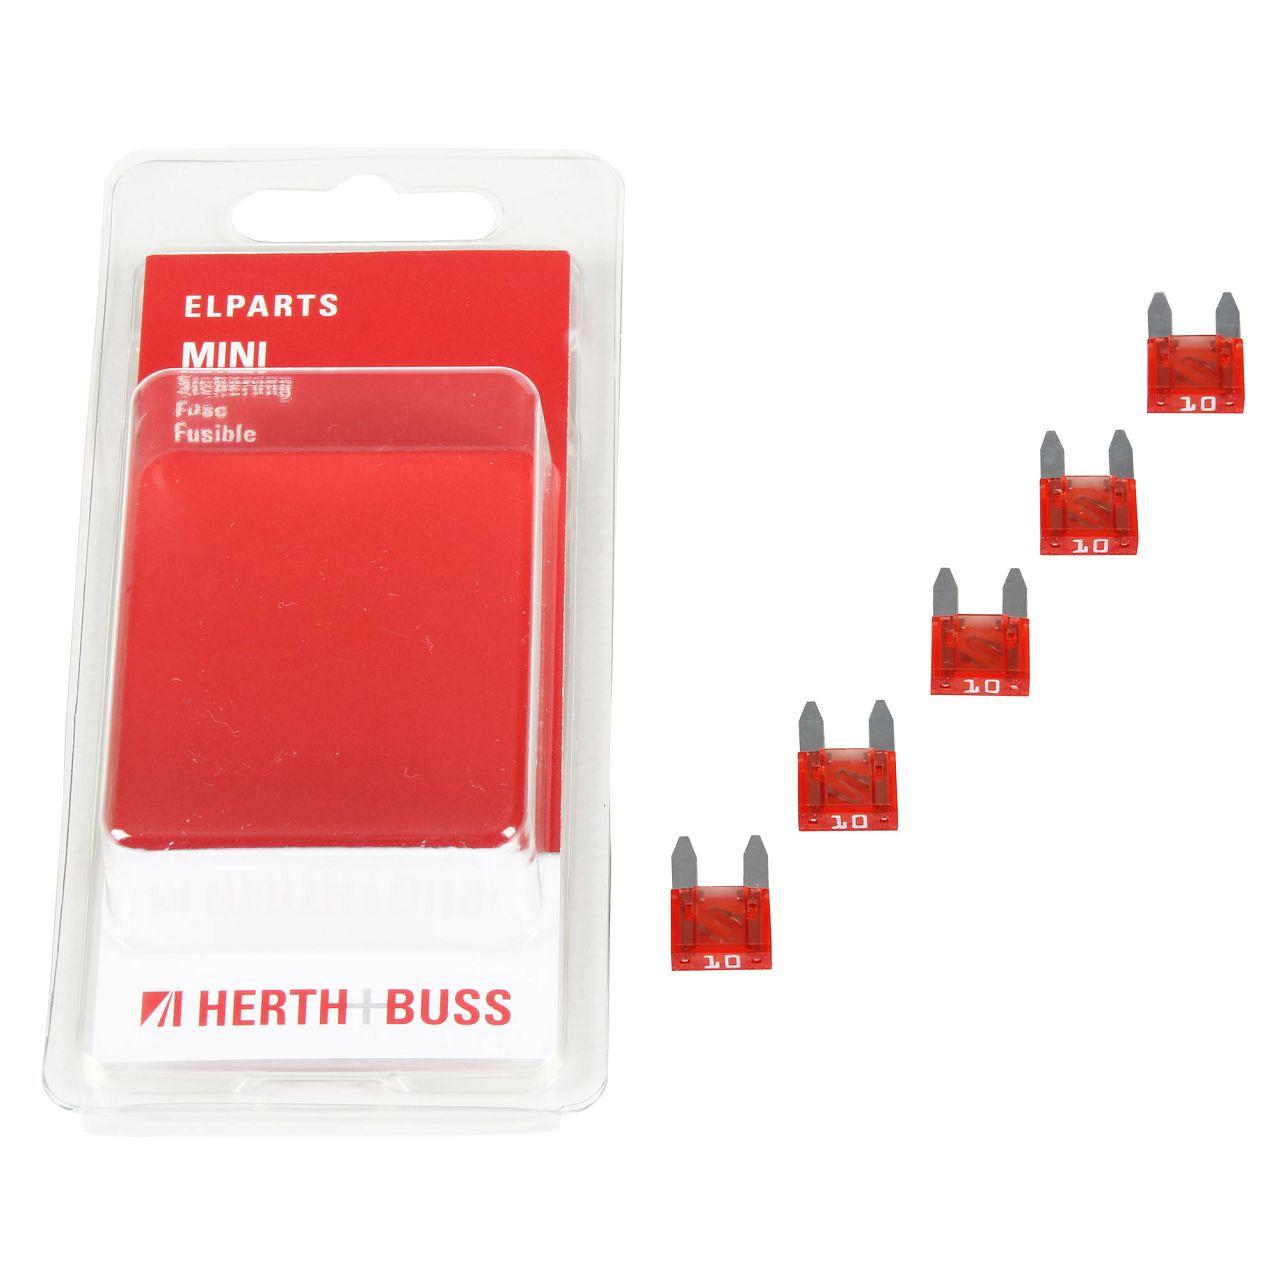 5x HERTH+BUSS Auto KFZ Sicherung Stecksicherung Flachsicherung ROT 10A für MINI